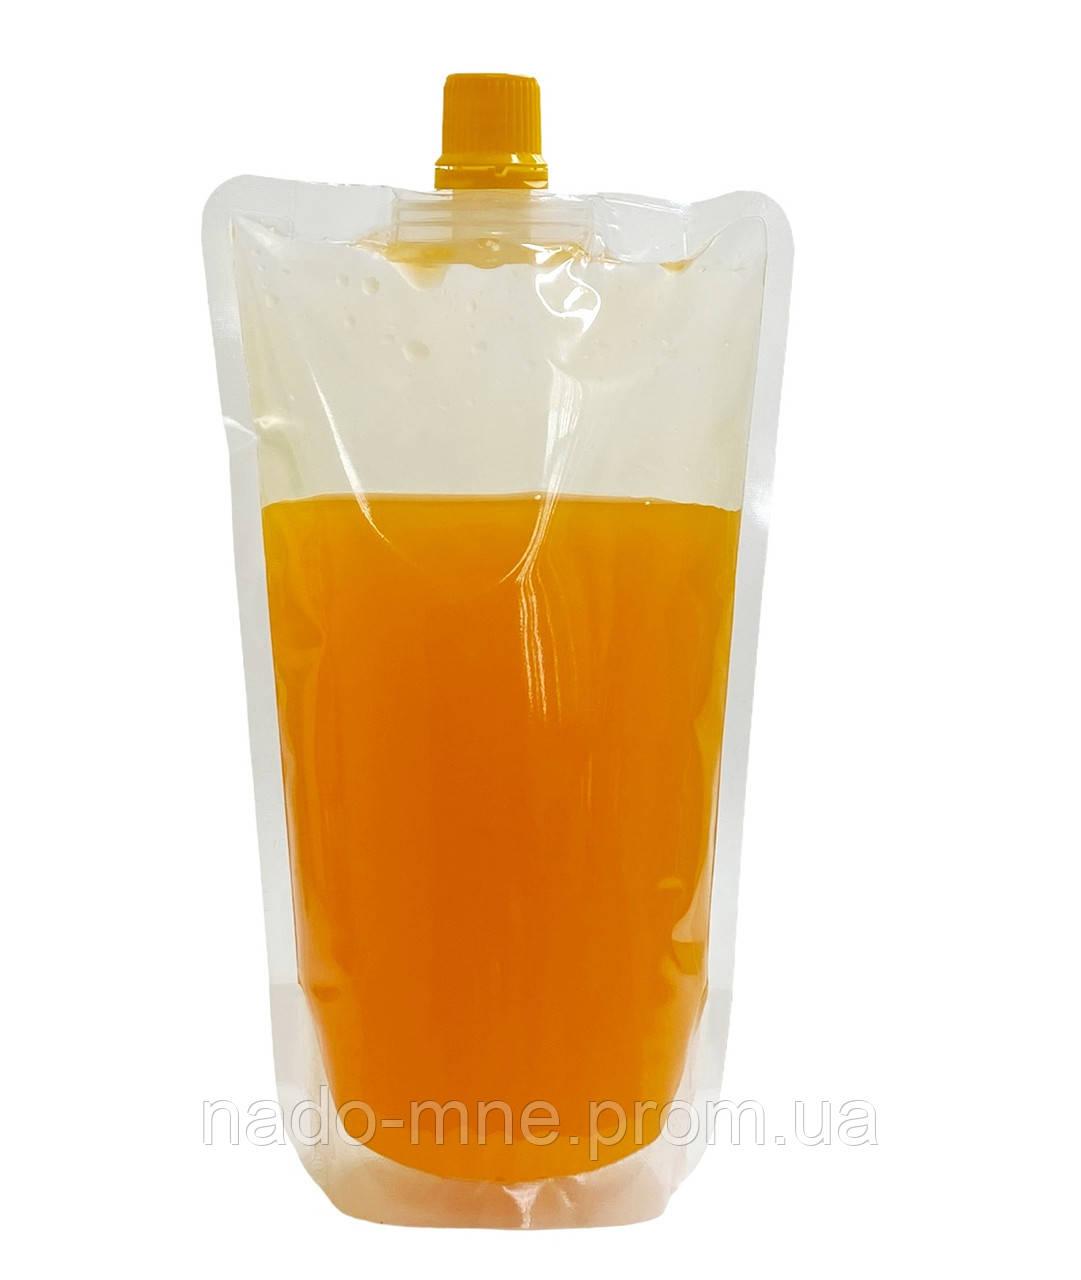 Пакет дой-пак для лимонада и других жидкостей, с желтыми крышками, 250-300 мл